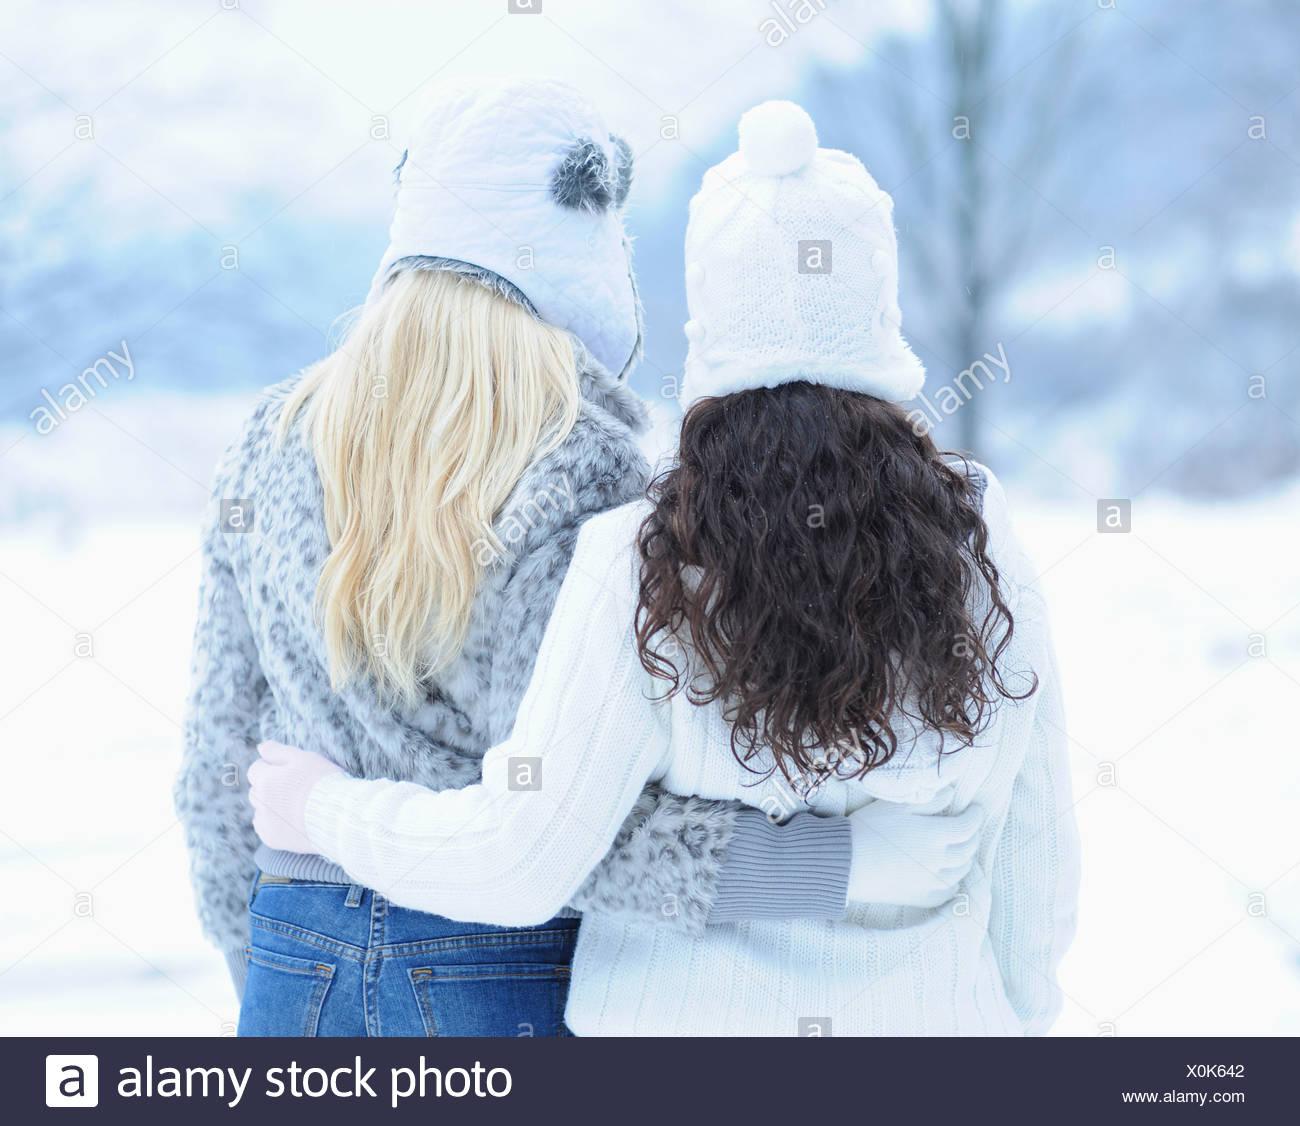 Ansicht von hinten von zwei jungen Frauen umarmen Wintertag Stockbild